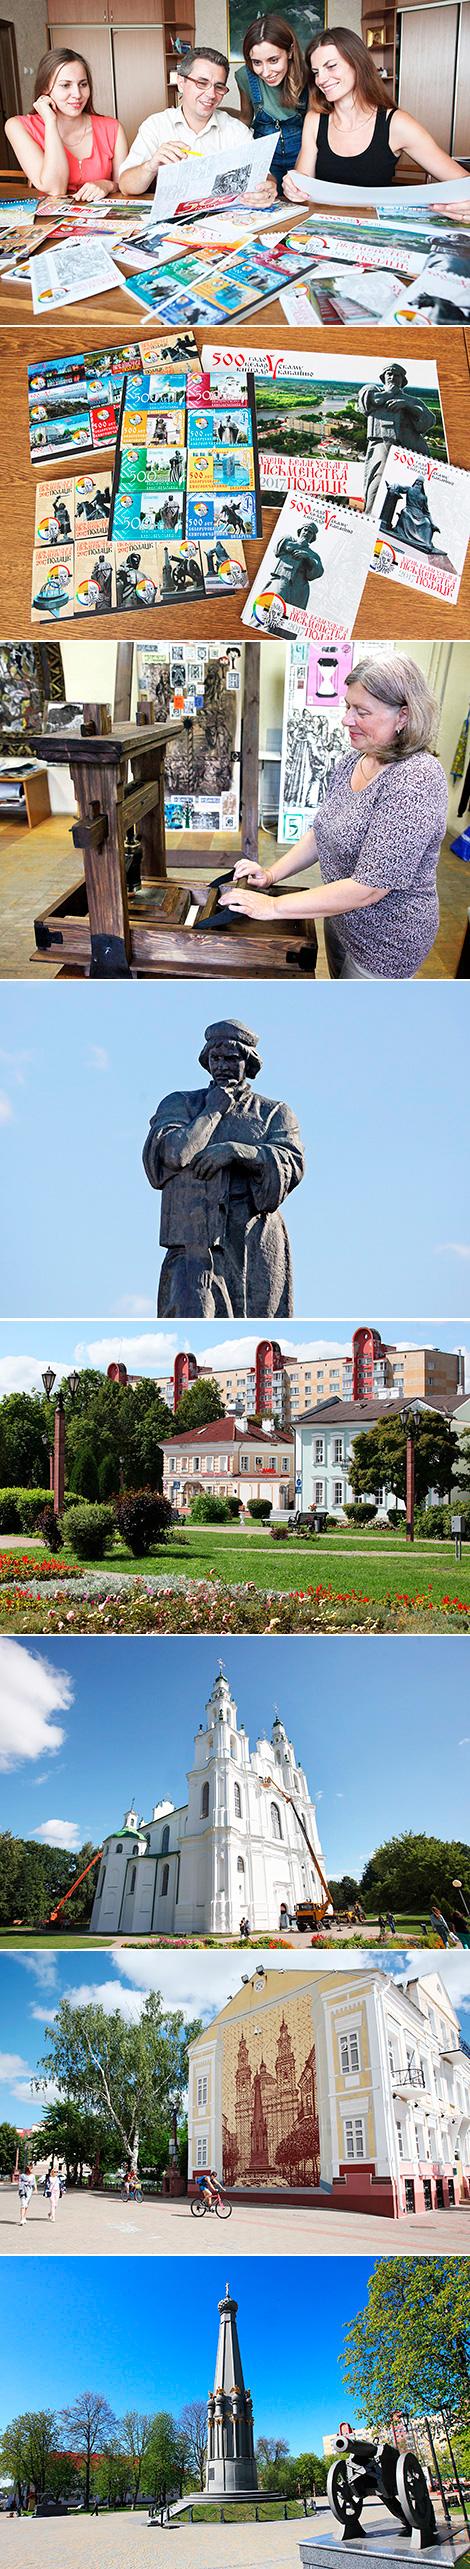 Полоцк готовится принять День белорусской письменности